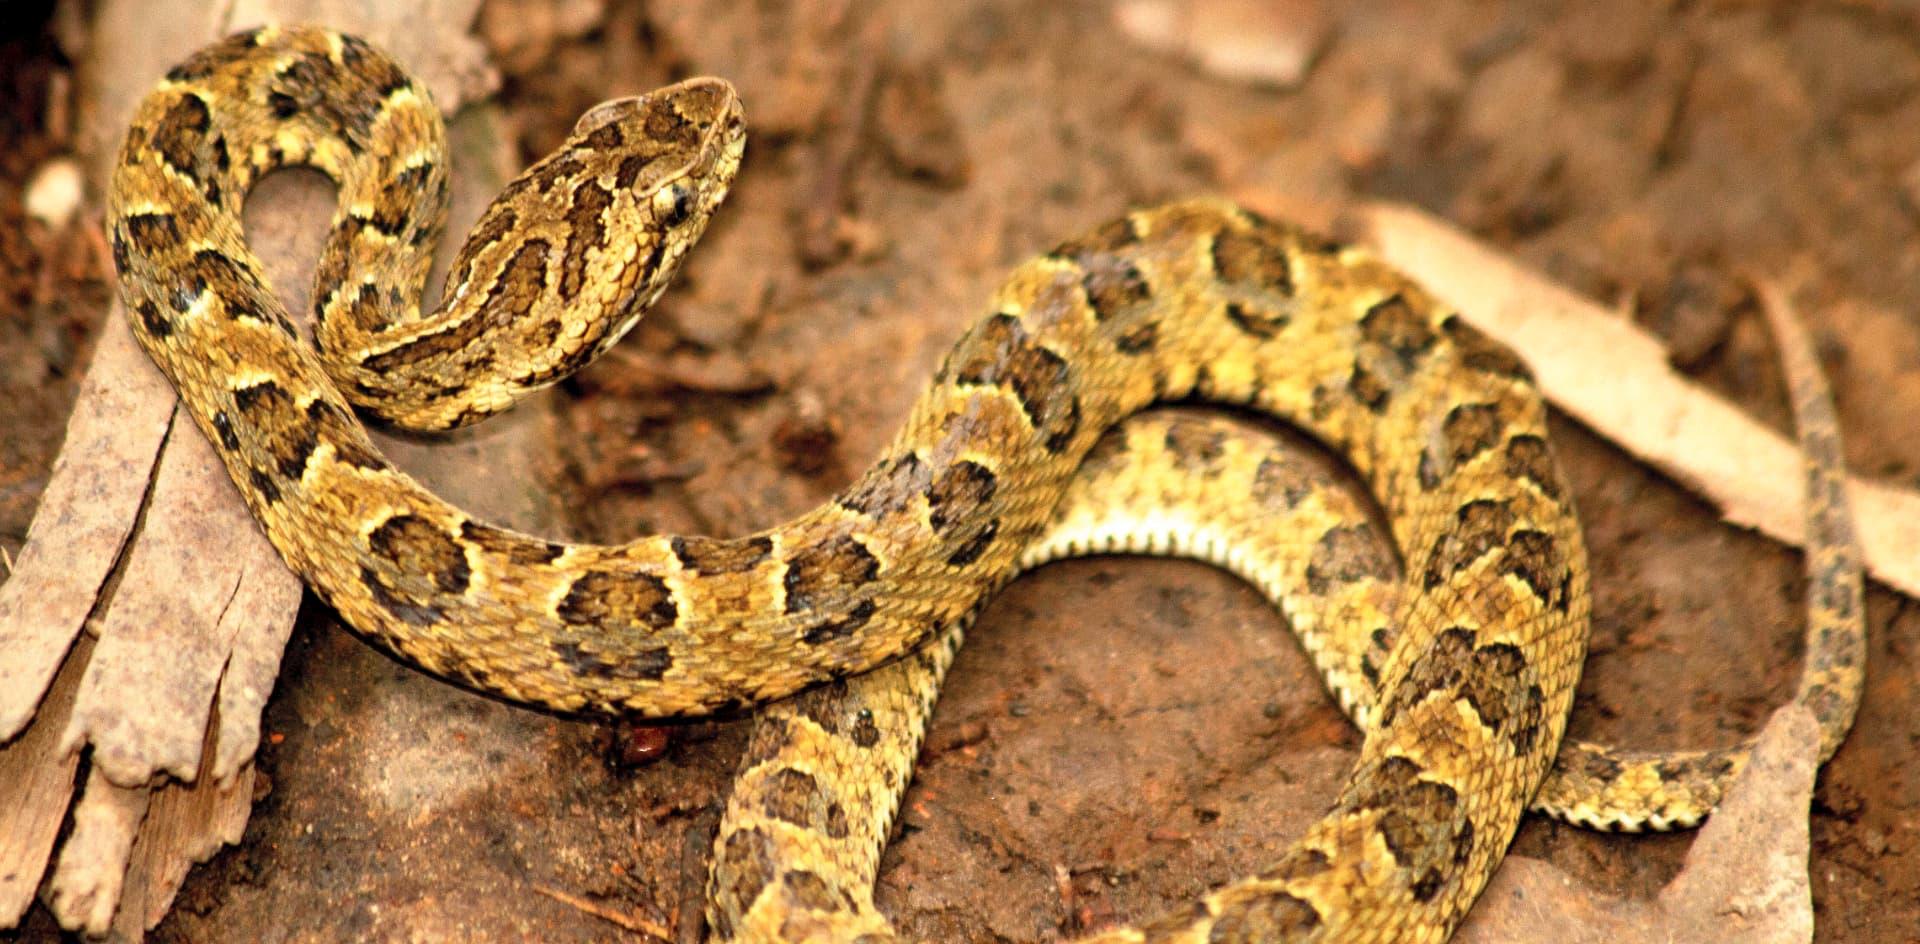 Descubren una nueva especie de serpiente yarará en una reserva natural peruana